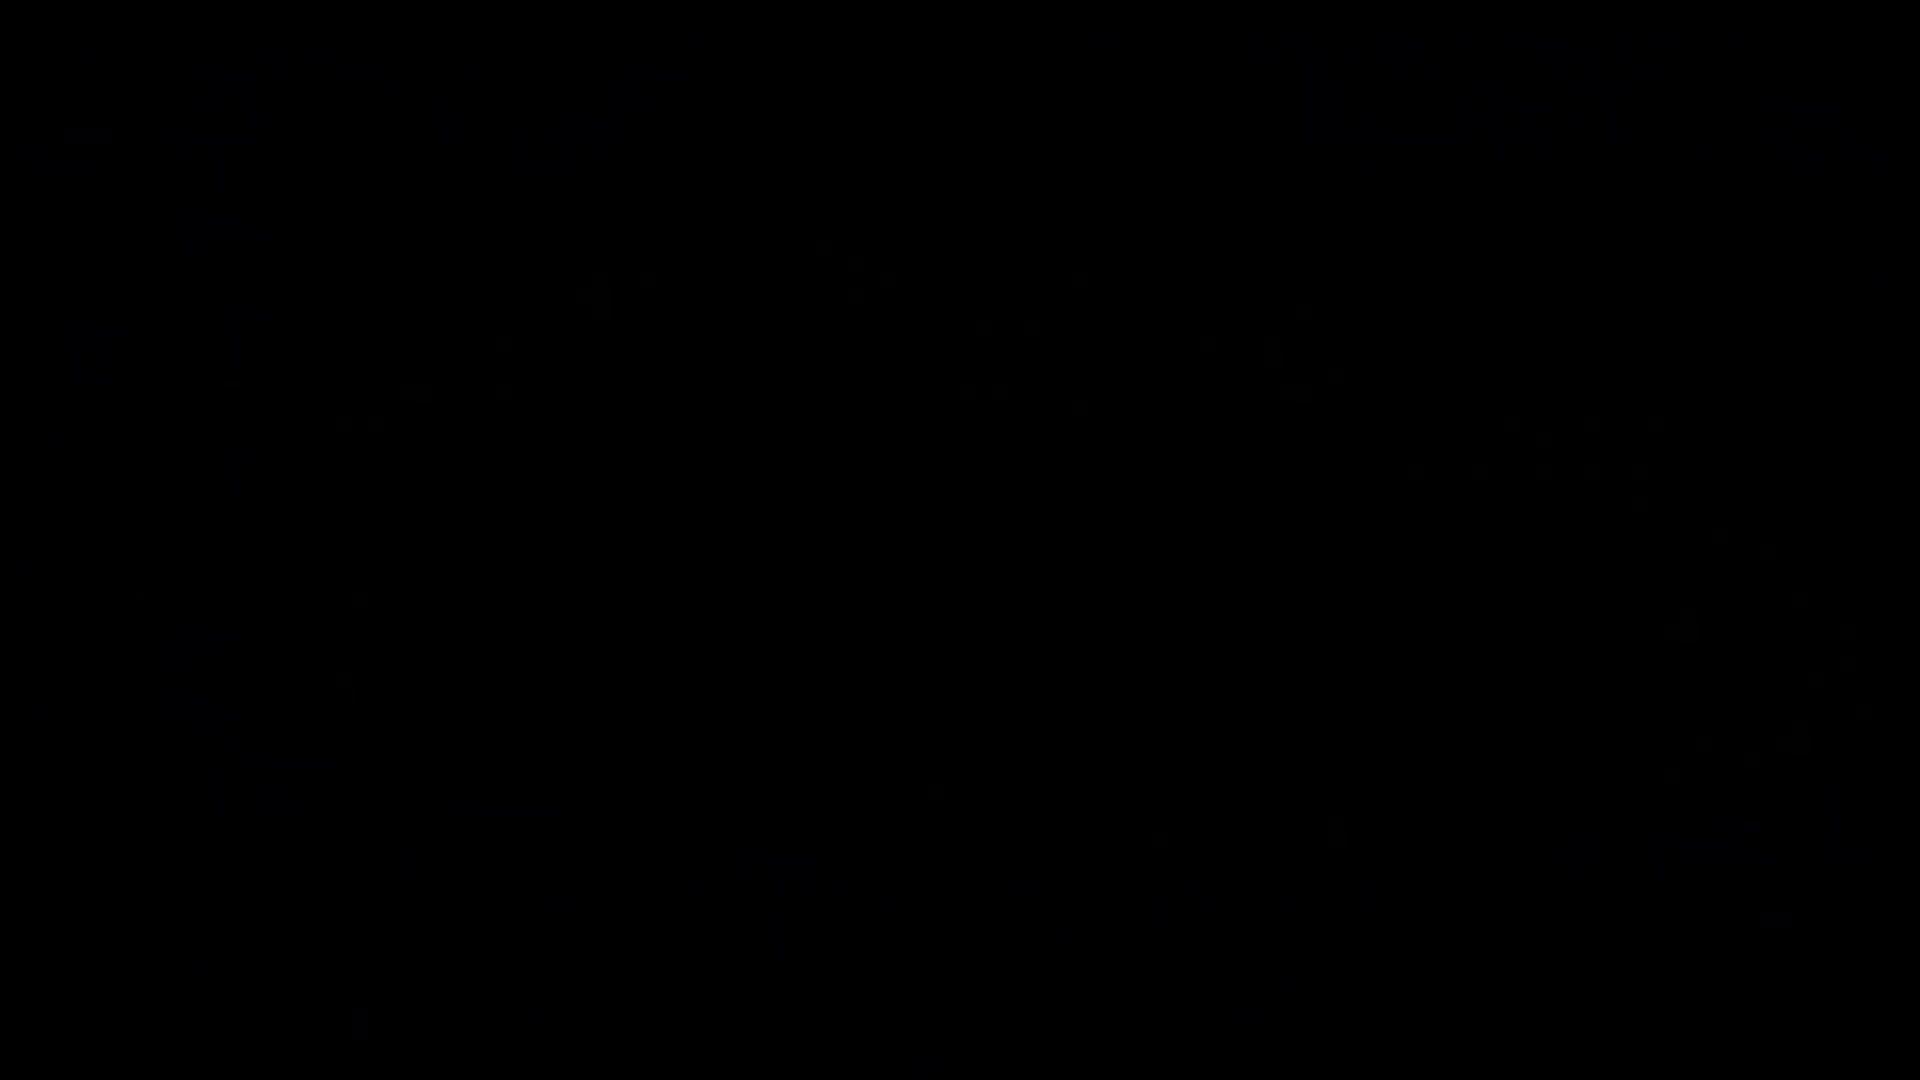 Dillon Francis - EDC 2017 GIFs